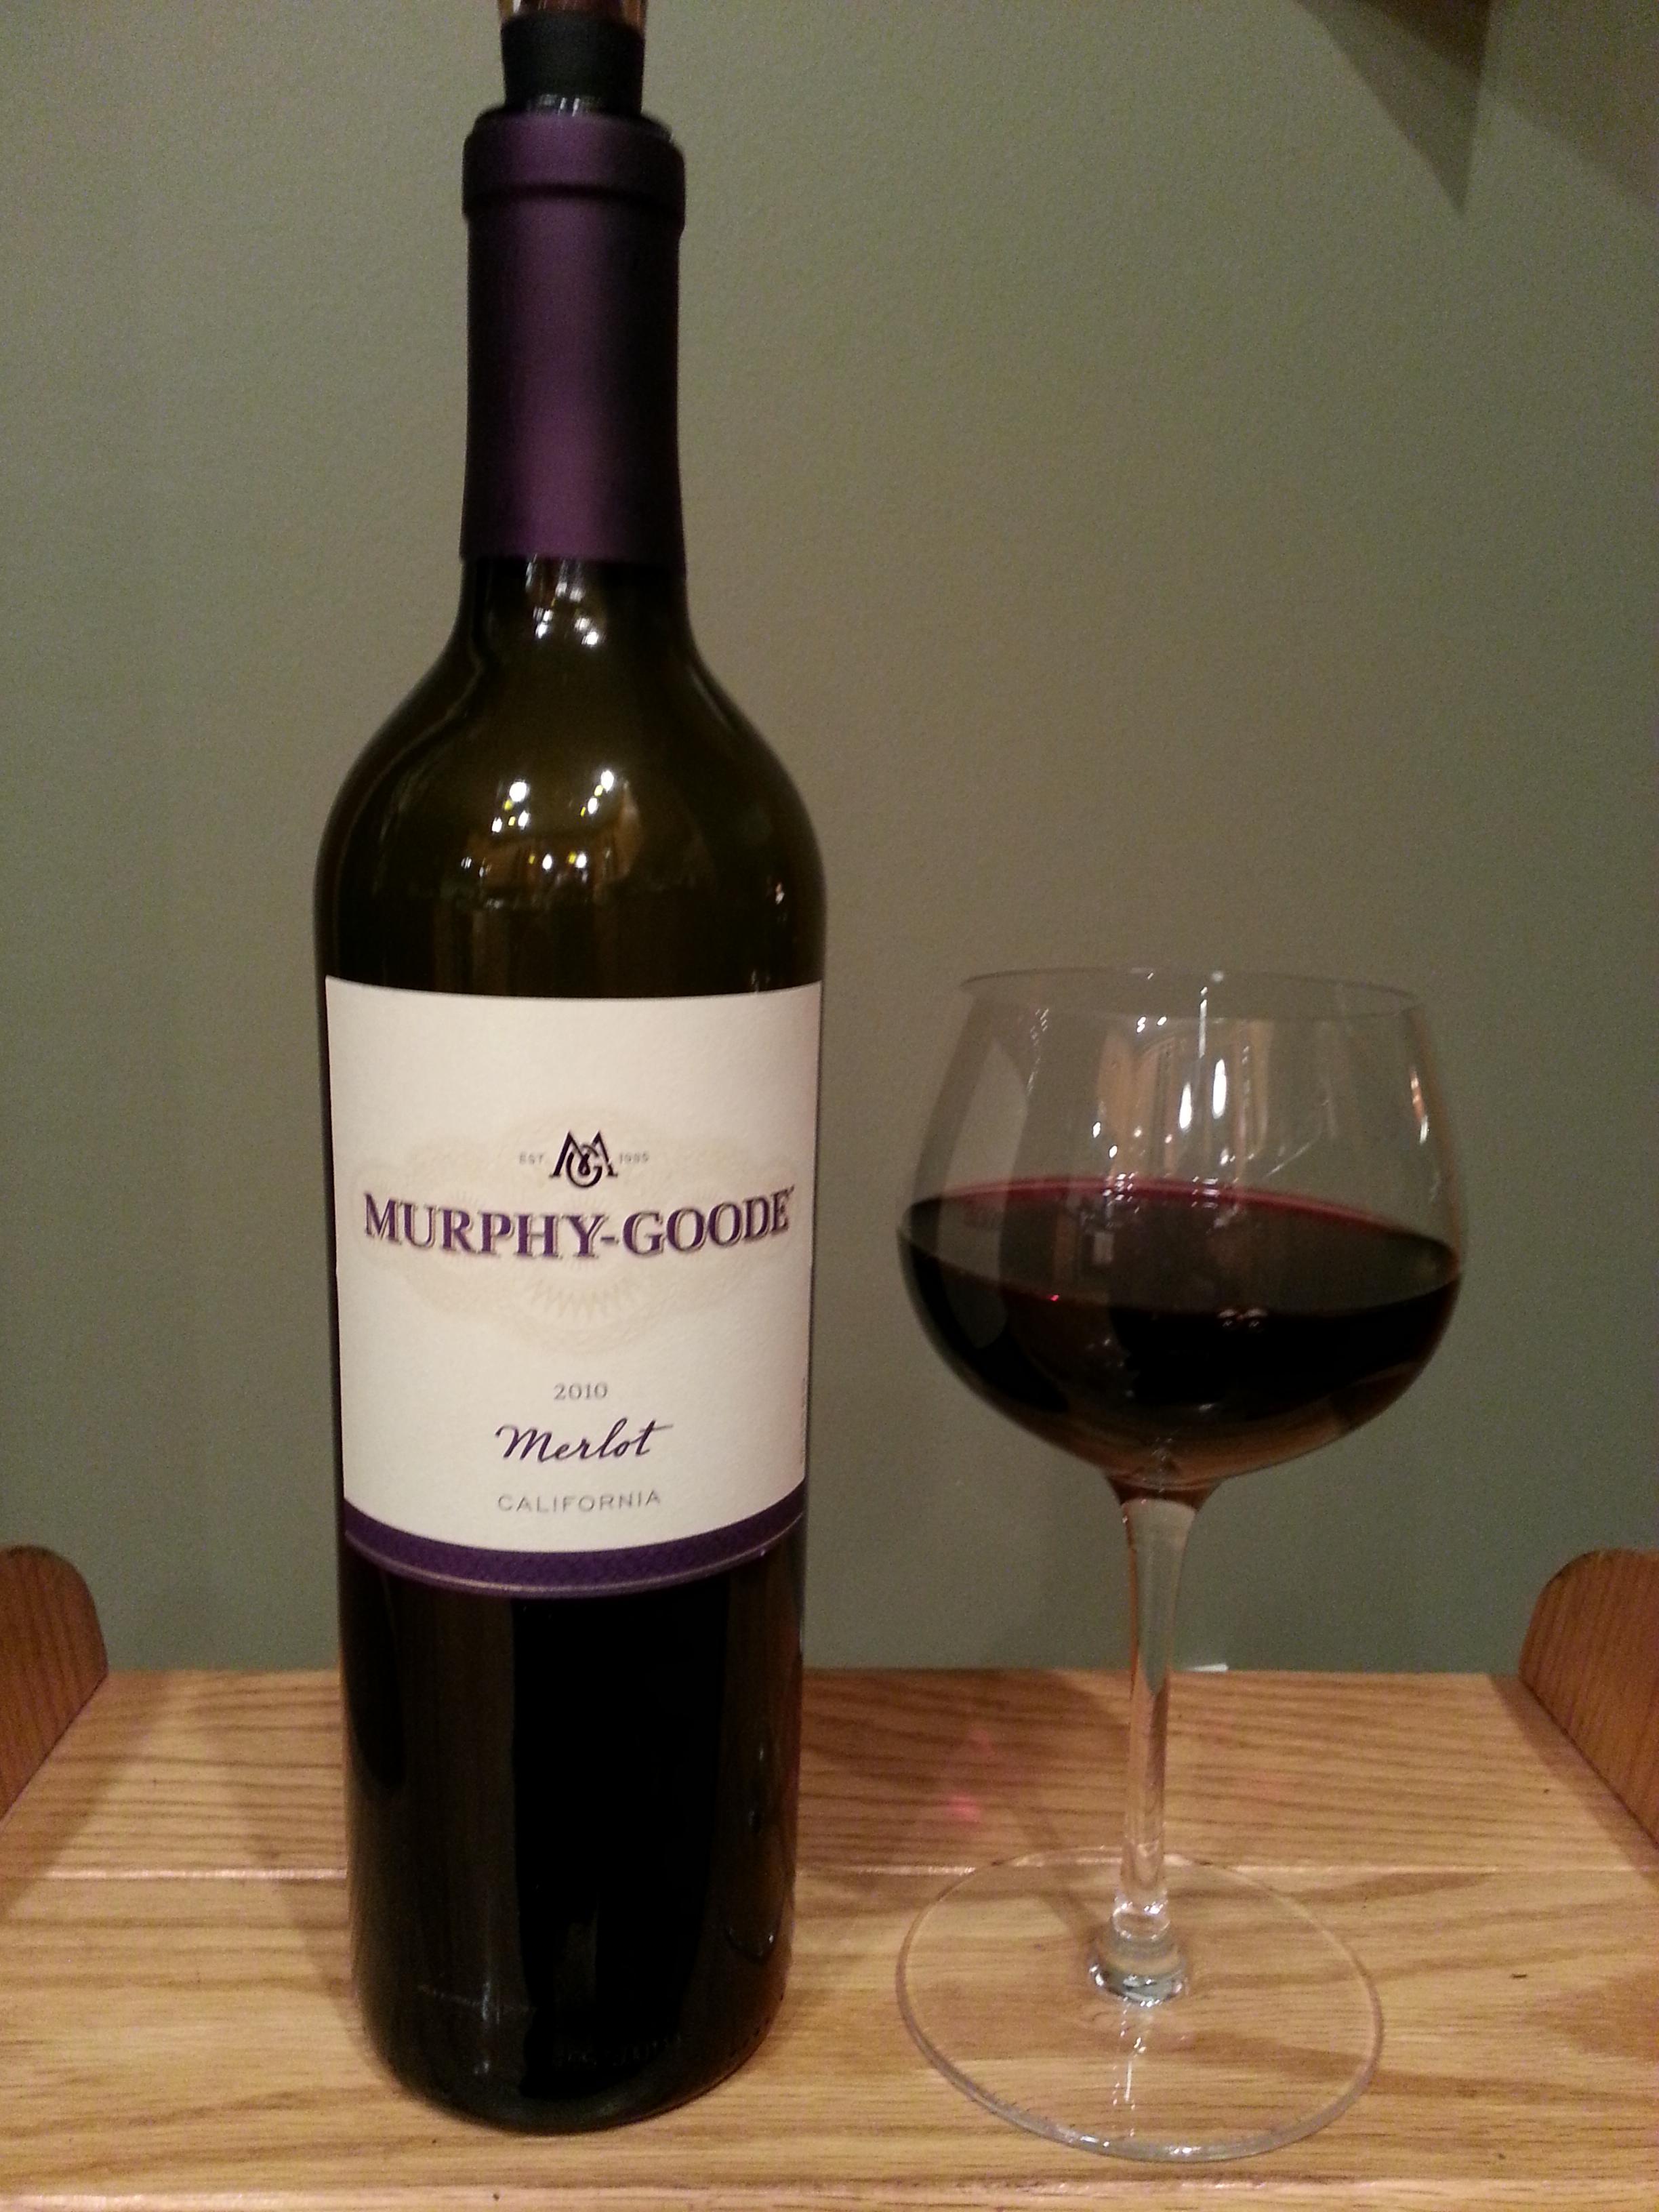 Murphy-Goode Merlot(2010)